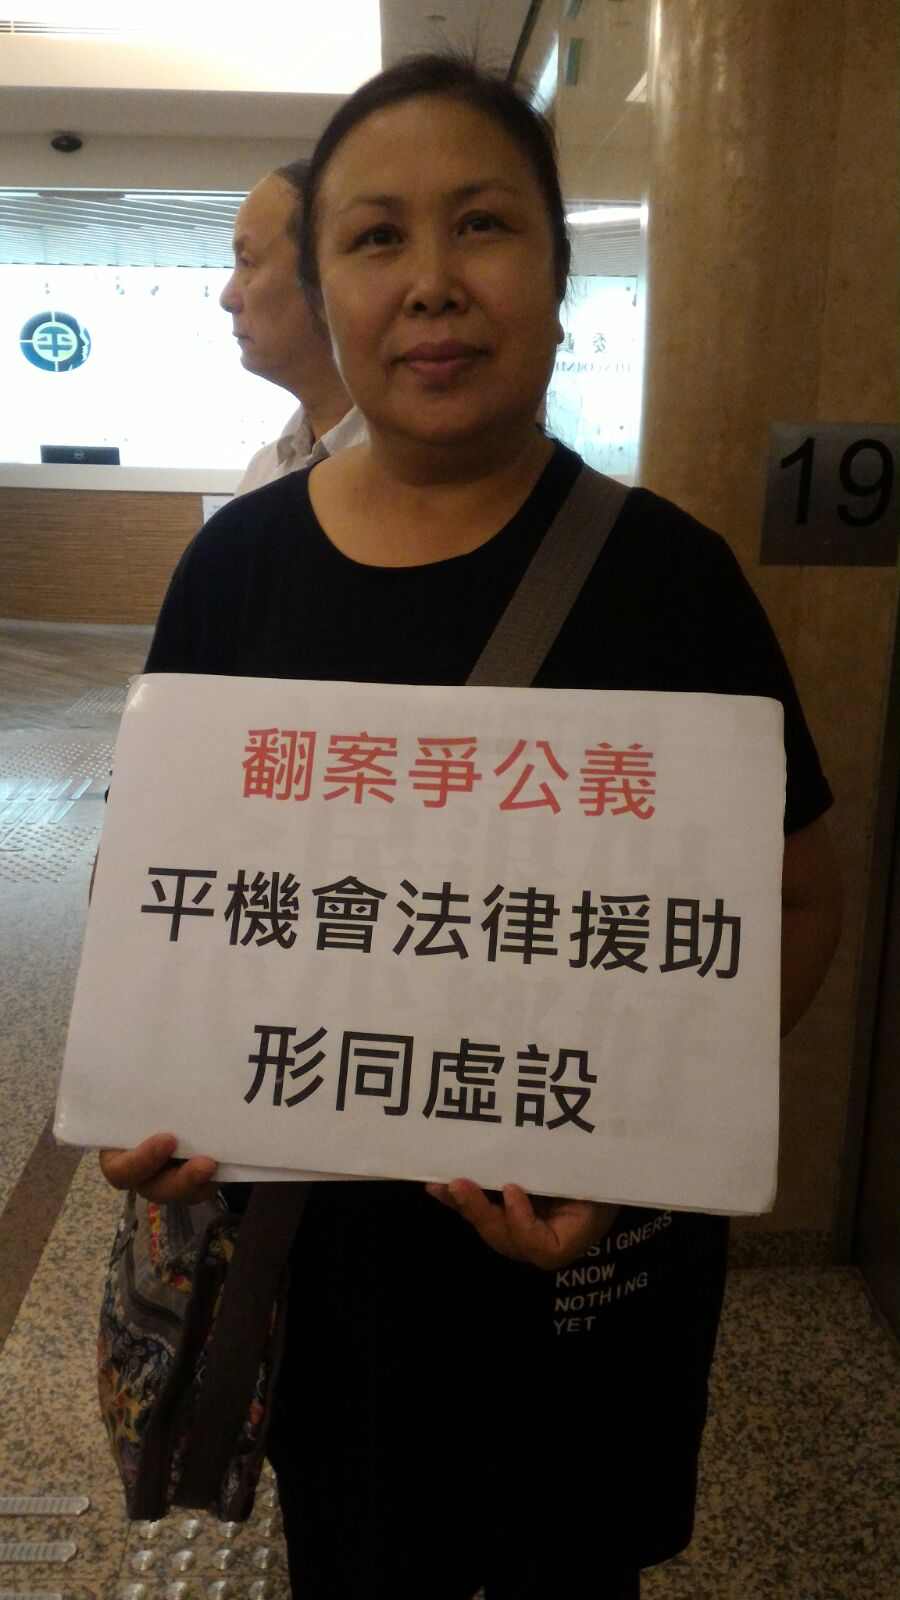 曾患癌的陳女士指,遭到僱主無理解僱。